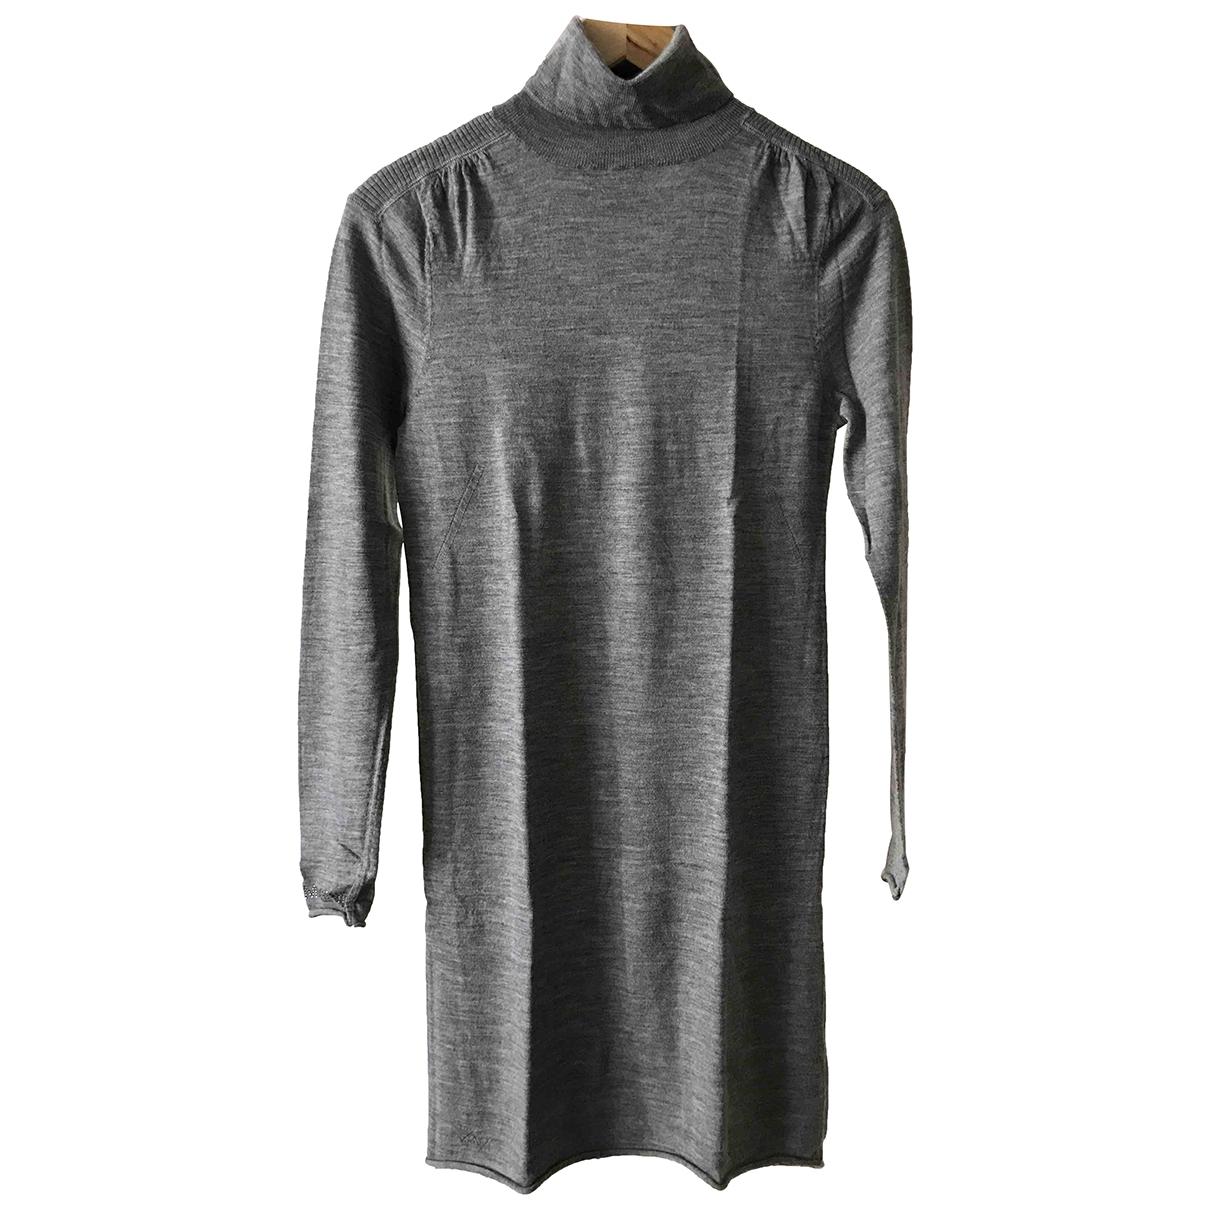 Zadig & Voltaire \N Kleid in  Grau Wolle